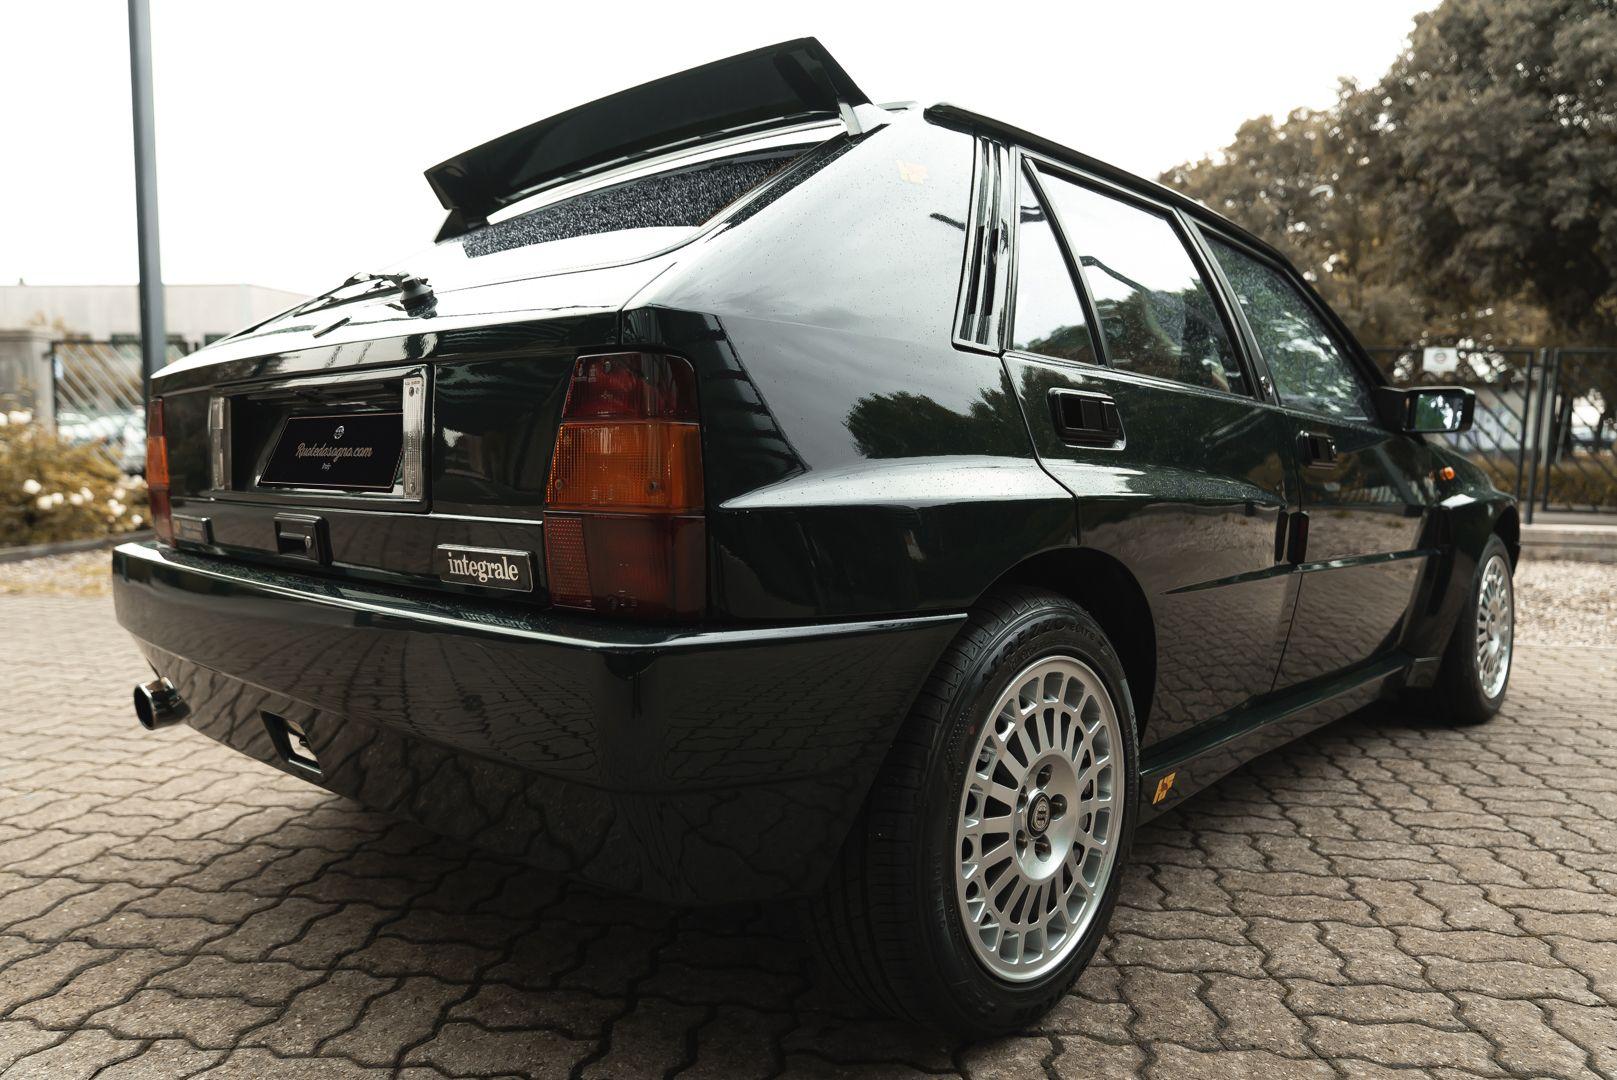 1992 Lancia Delta HF Integrale 16V Evo 1 - 79/250 84801